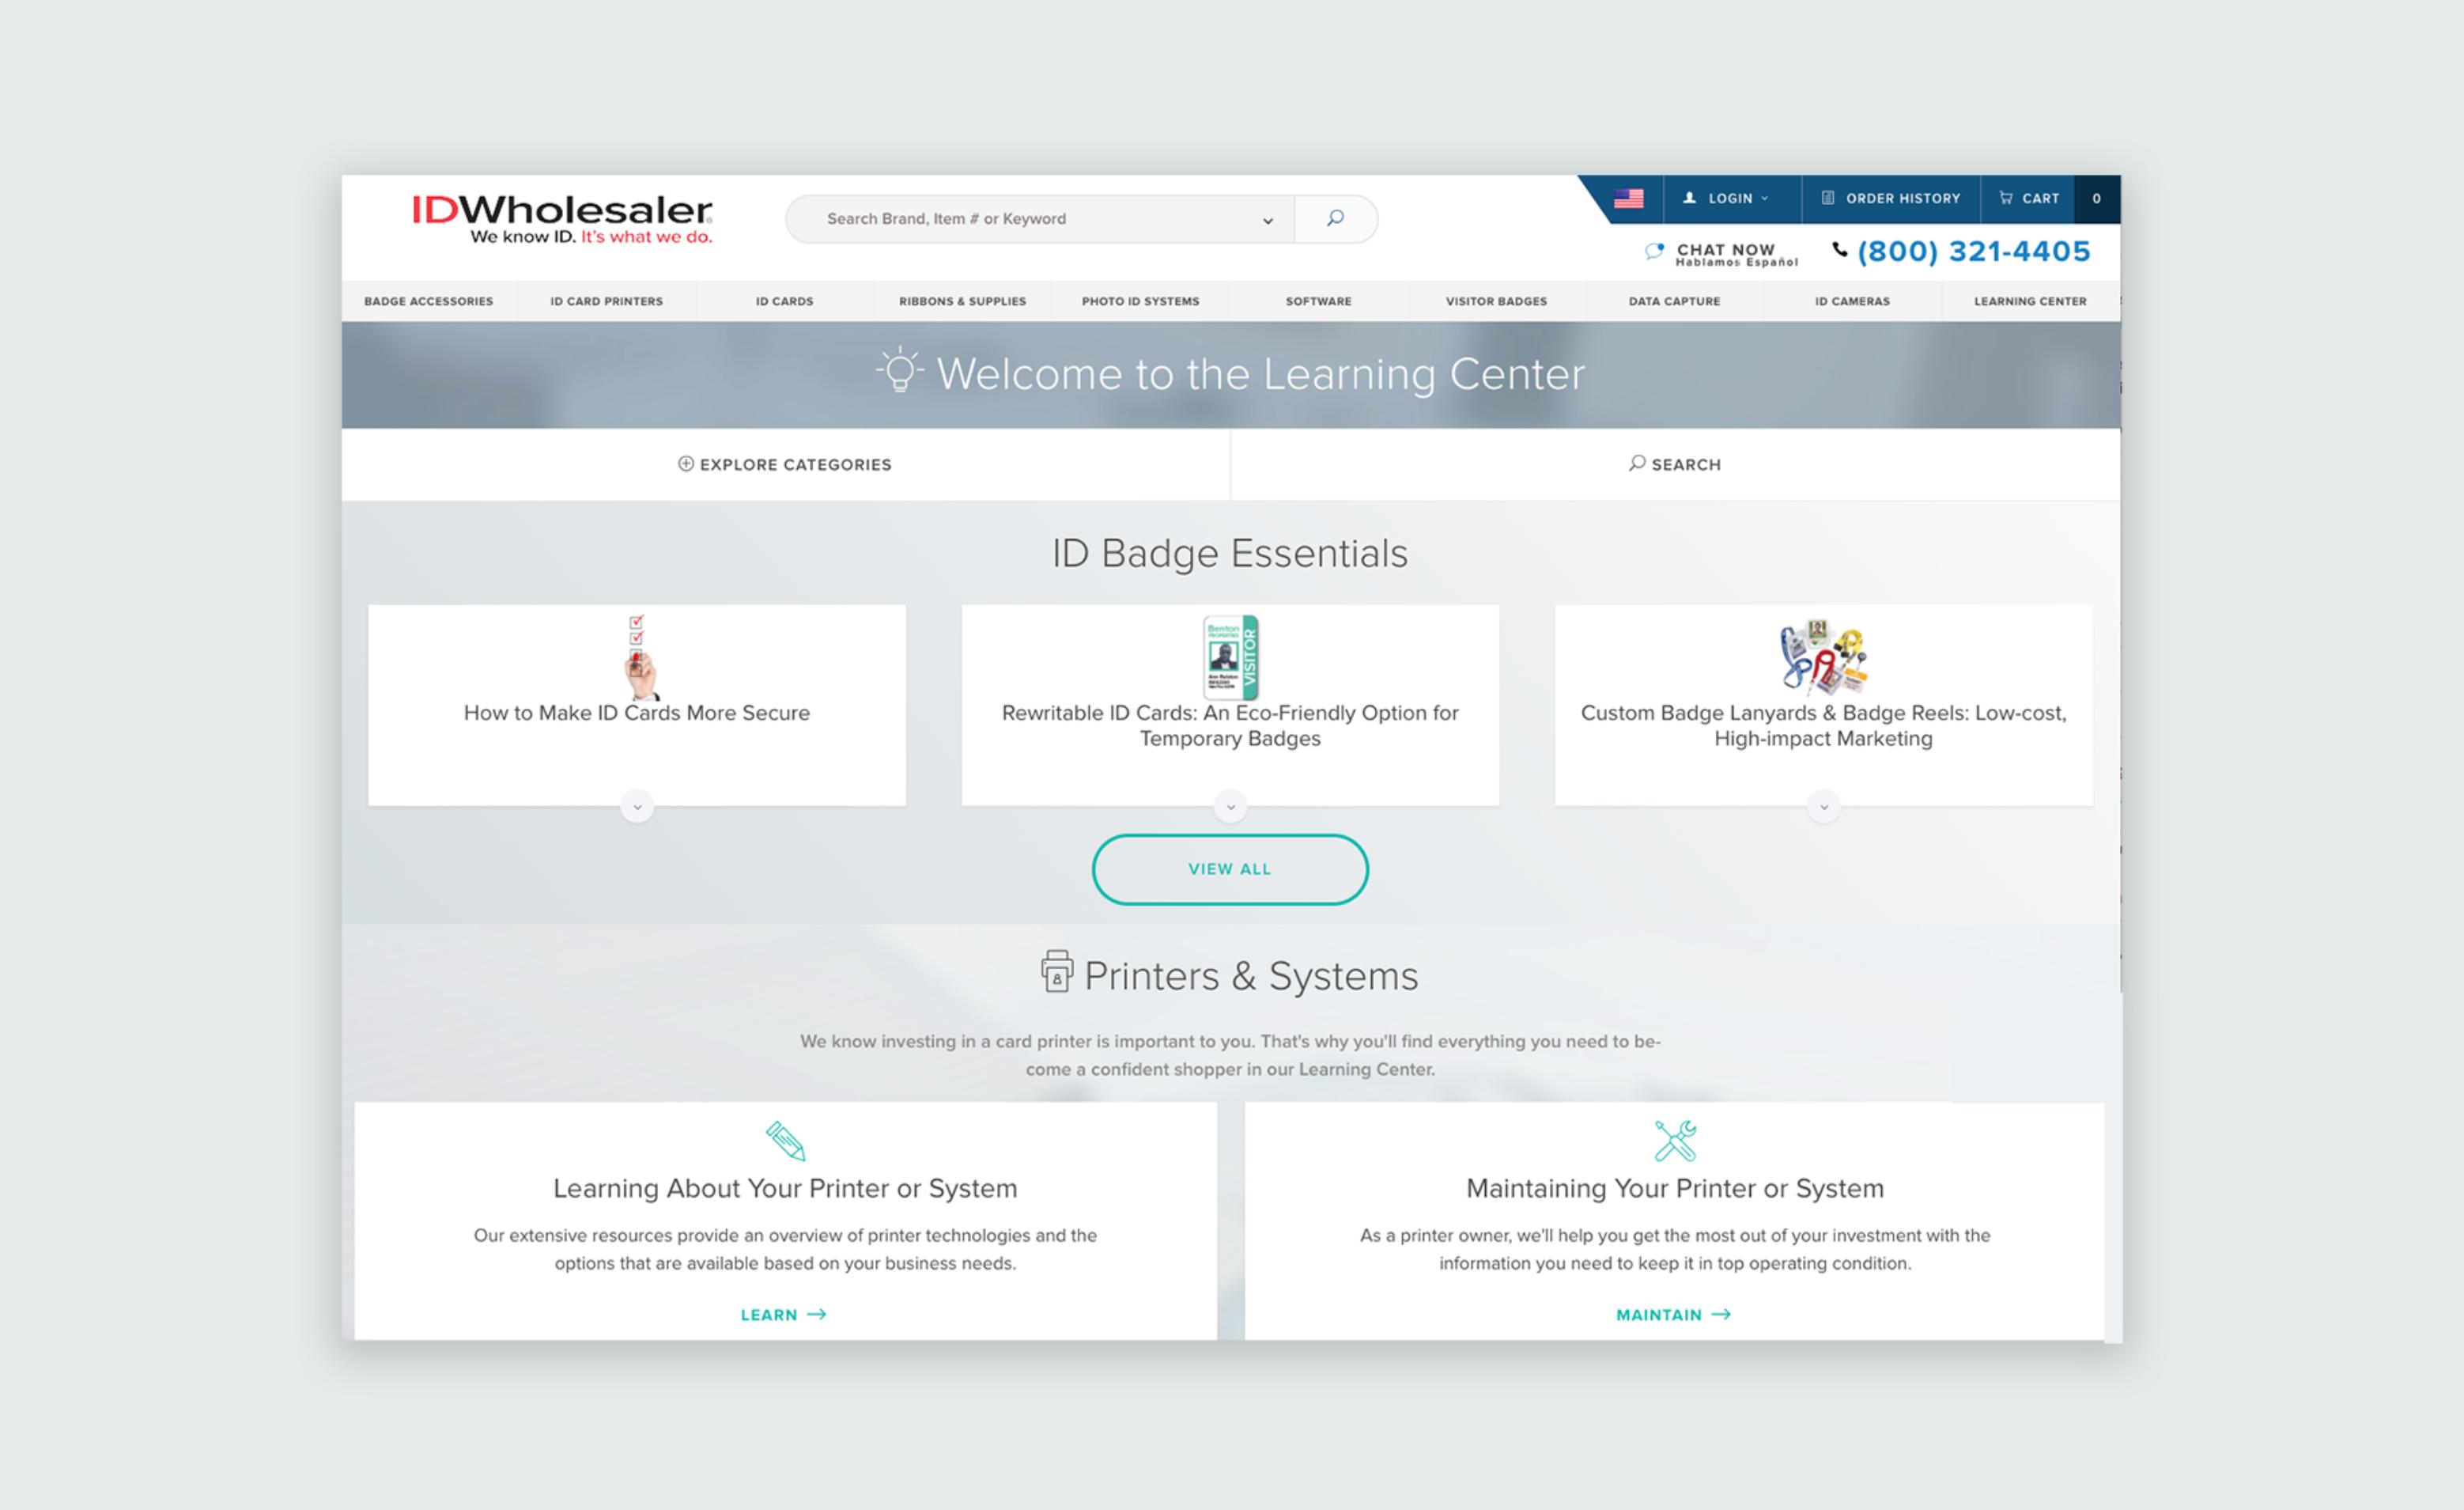 ID Wholesaler website